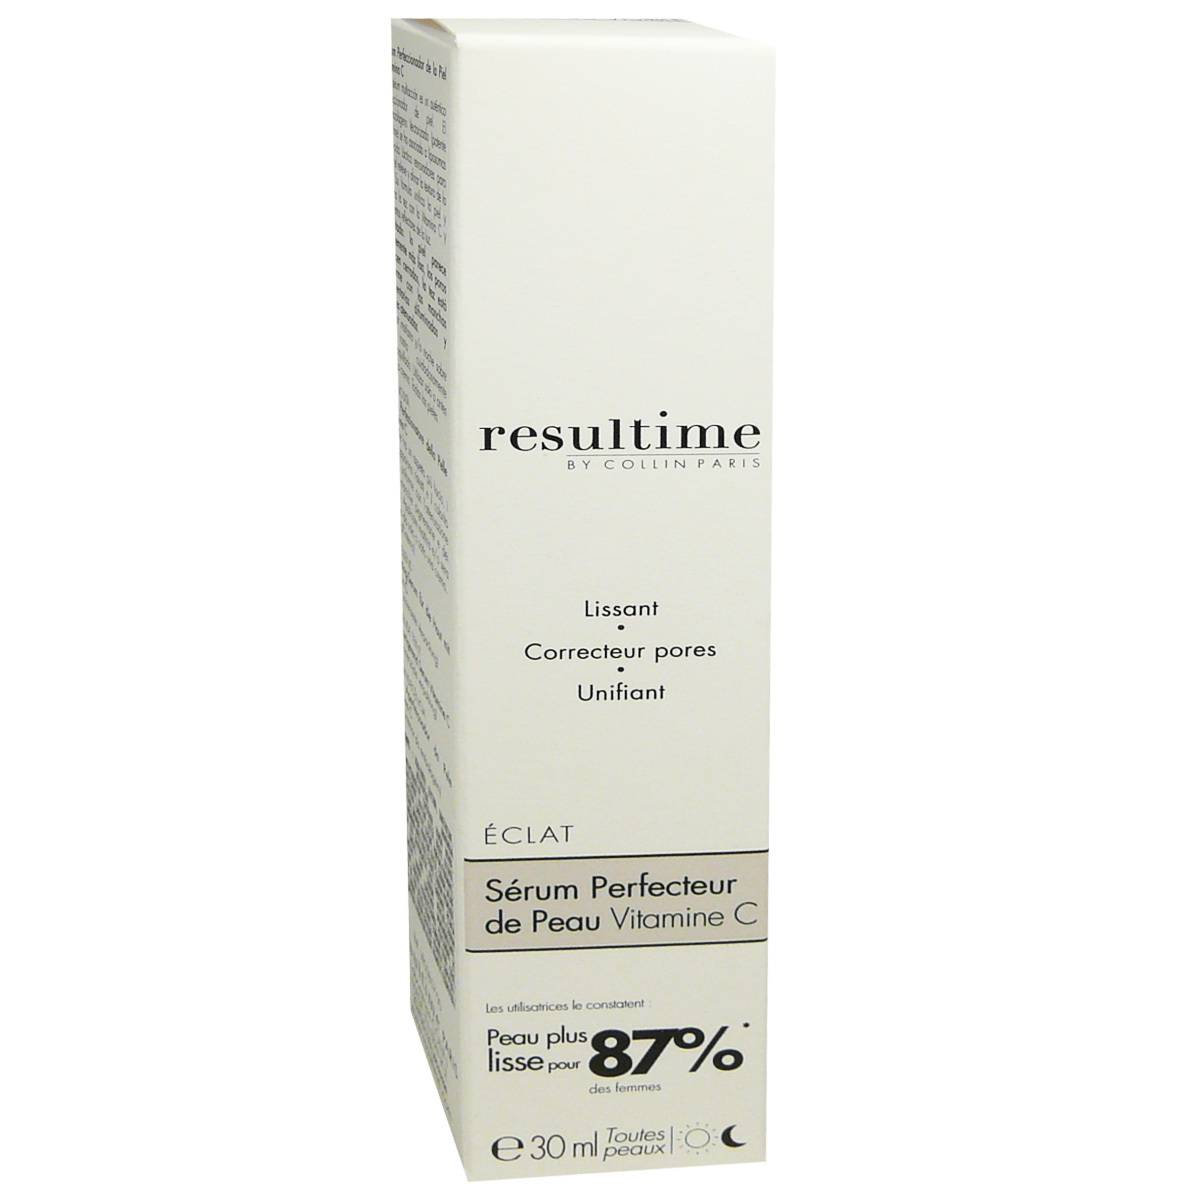 Resultime serum perfecteur de peau vitamine c 30 ml toutes peaux